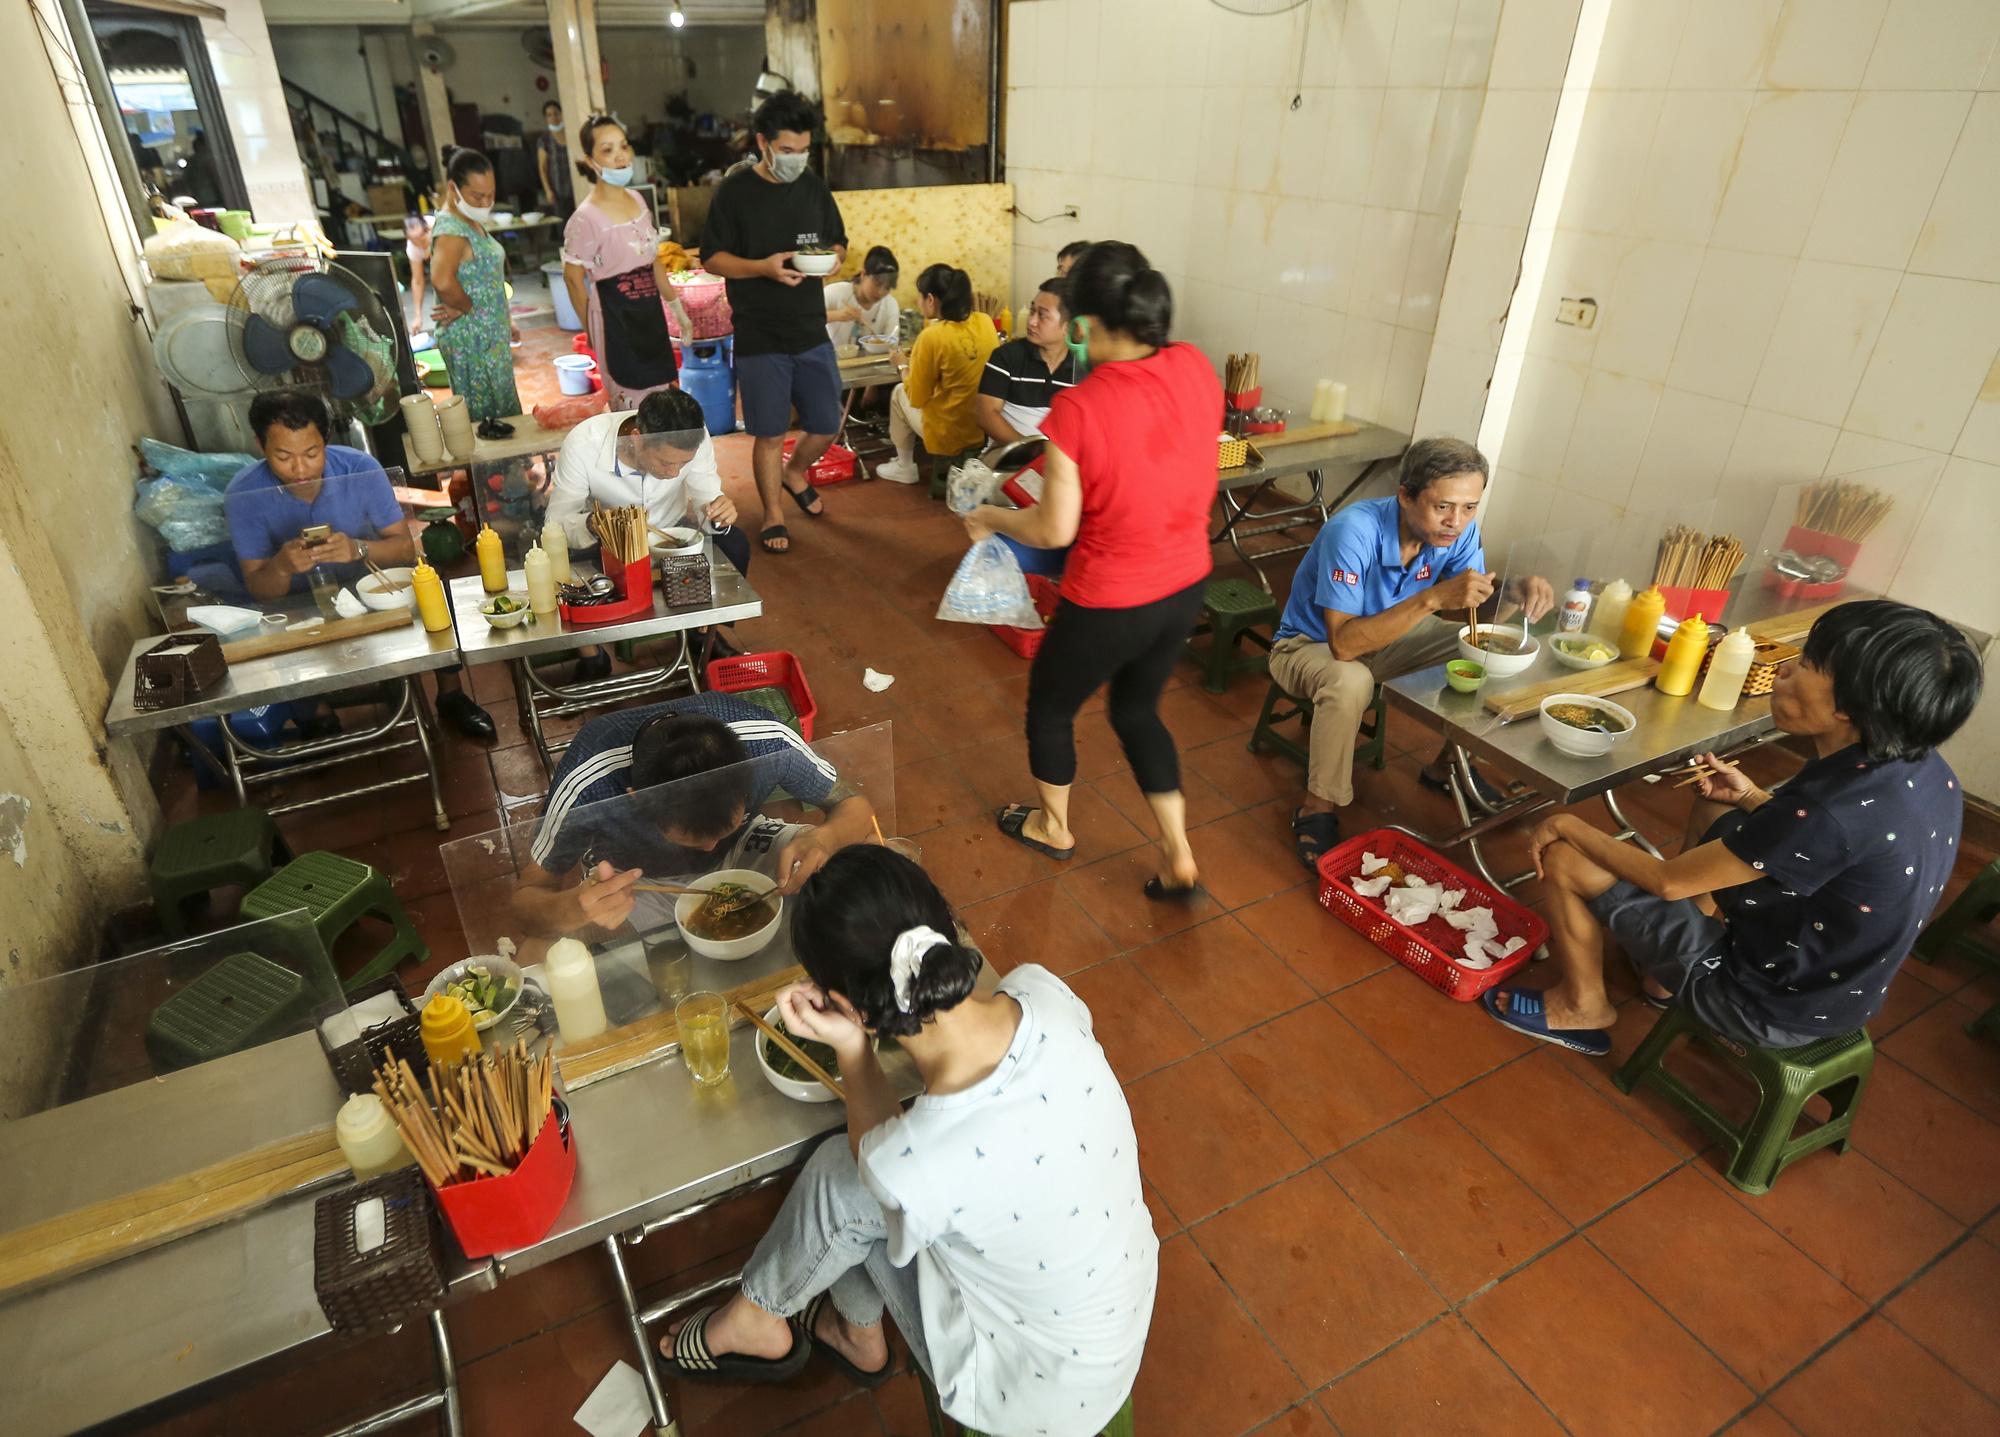 Hà Nội: Quán ăn, cà phê, tiệm tóc nhộn nhịp trong ngày đầu hoạt động trở lại - Ảnh 2.